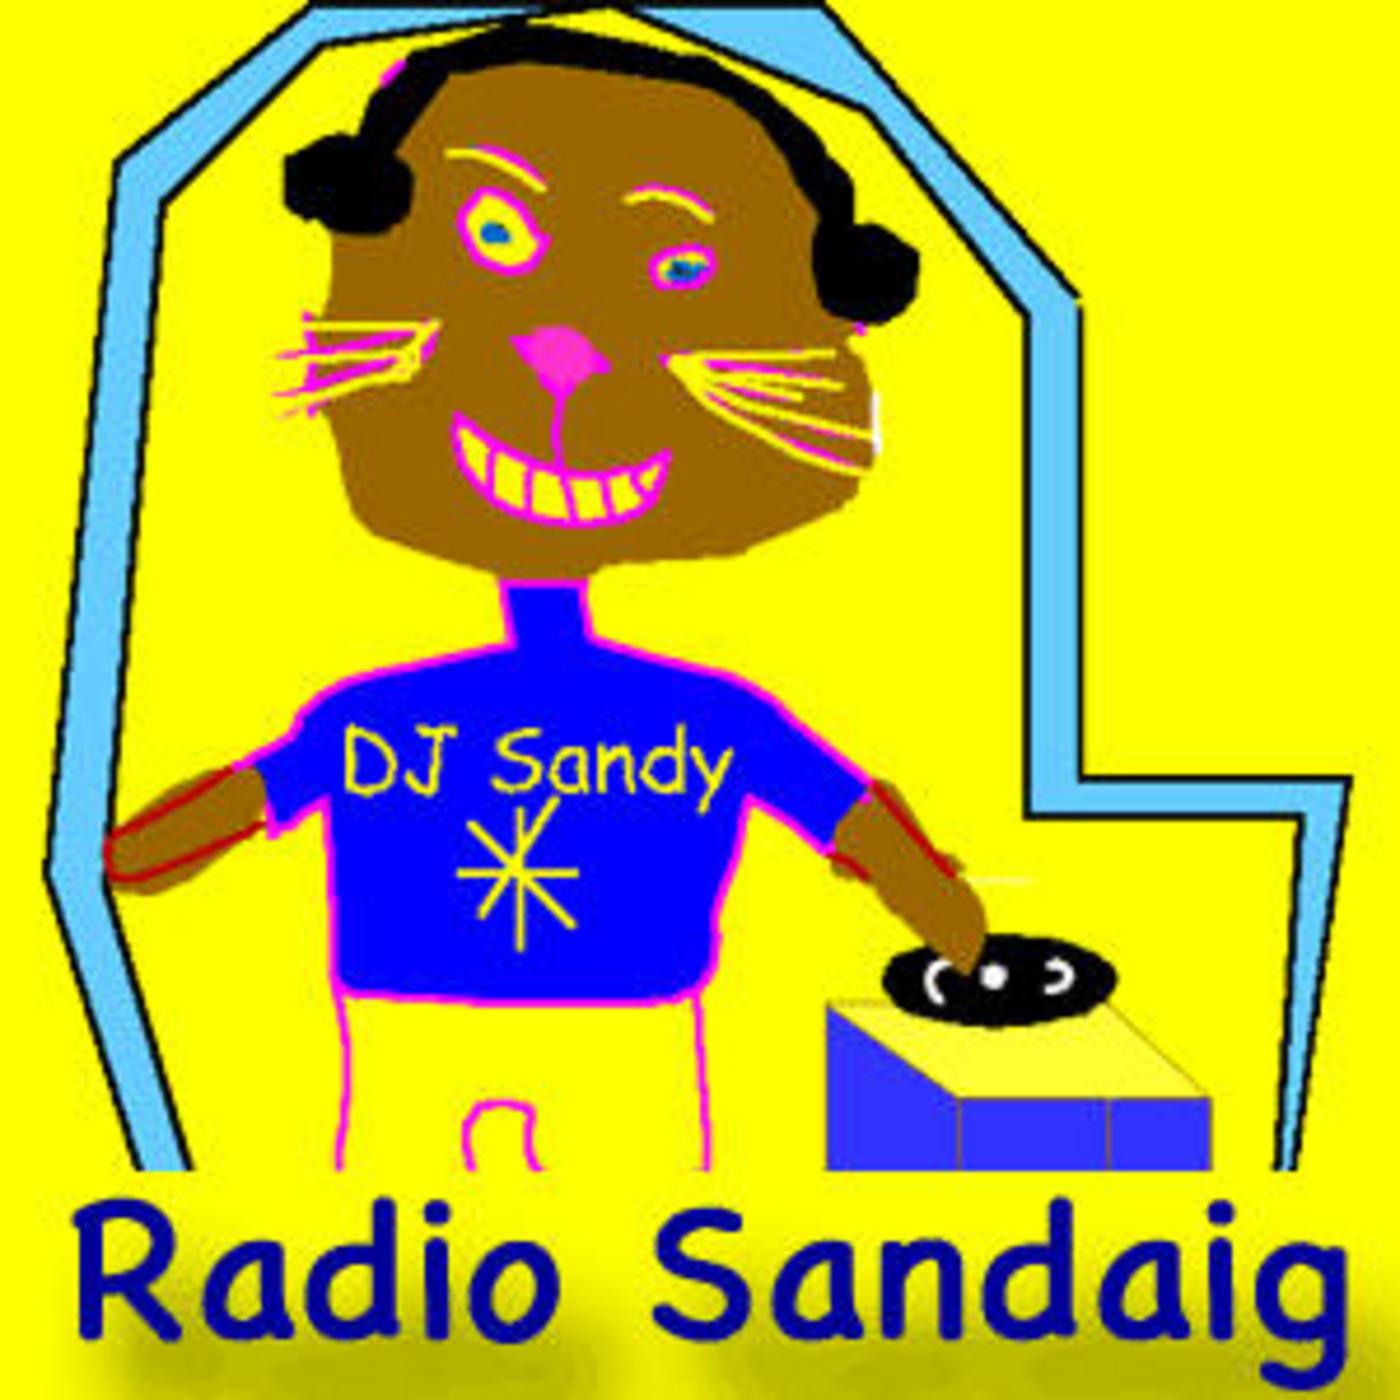 Radio Sandaig June 05